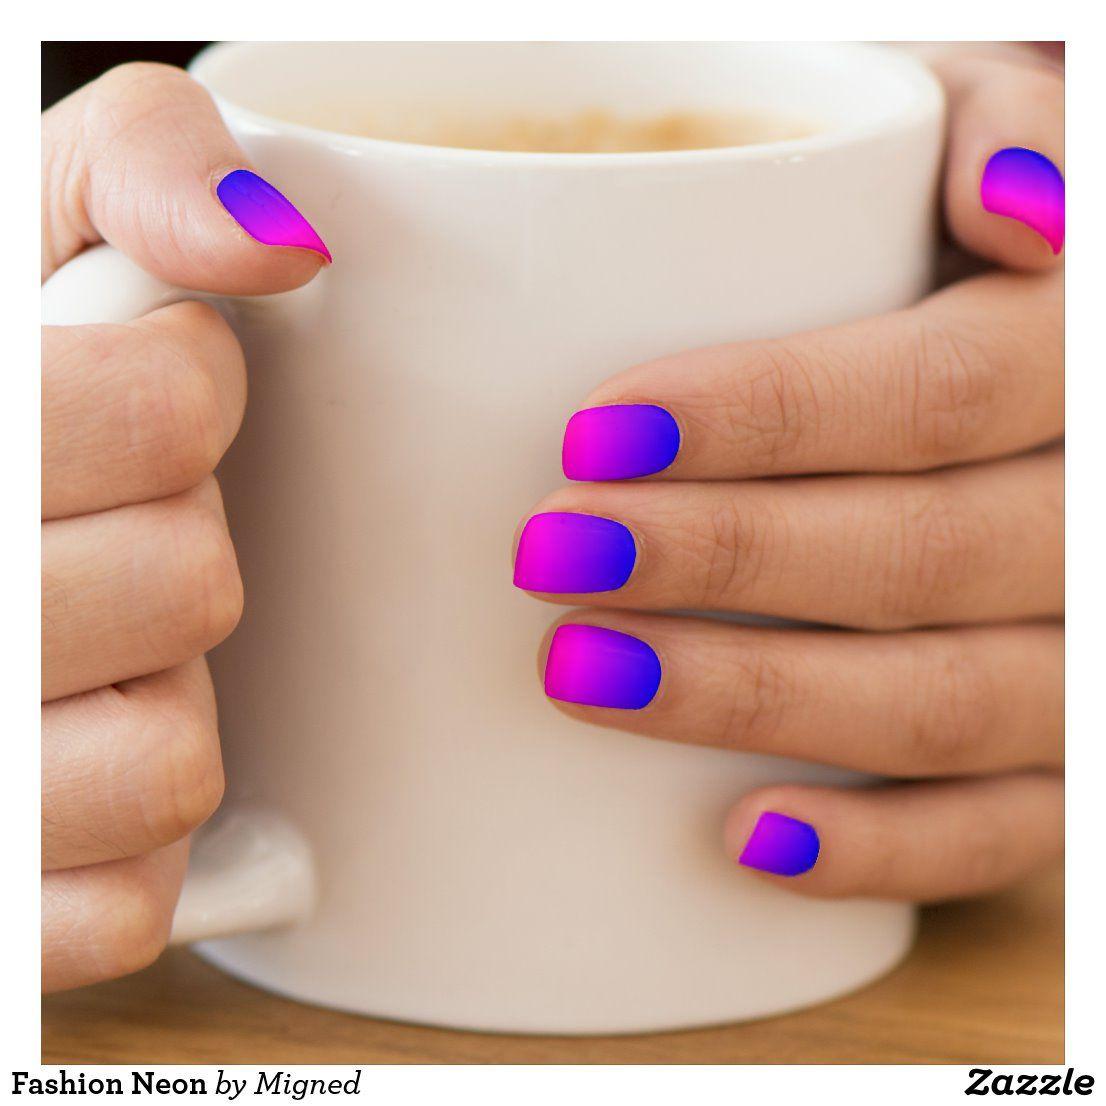 Fashion Neon Minx Nail Art | Zazzle.com